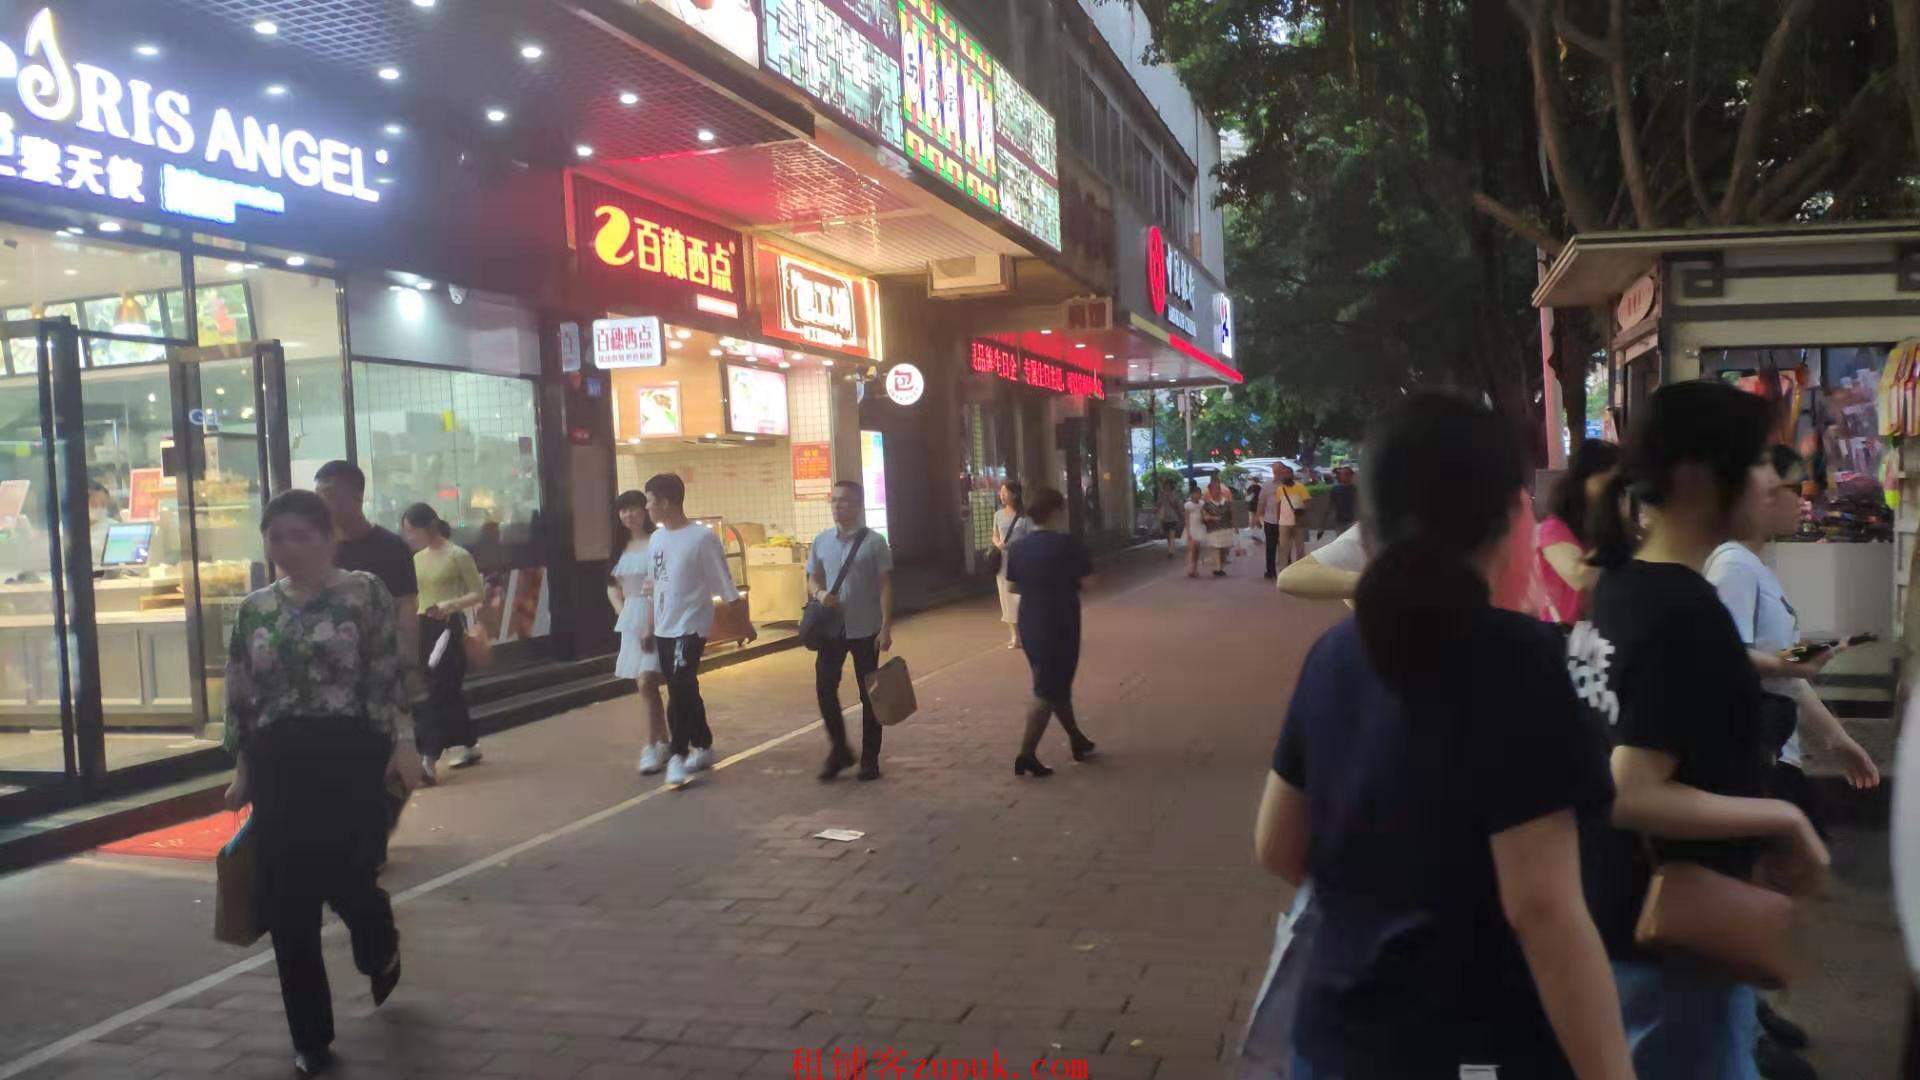 荔湾社区配套沿街旺铺 多个小区环绕 客流全天不断 业态不限